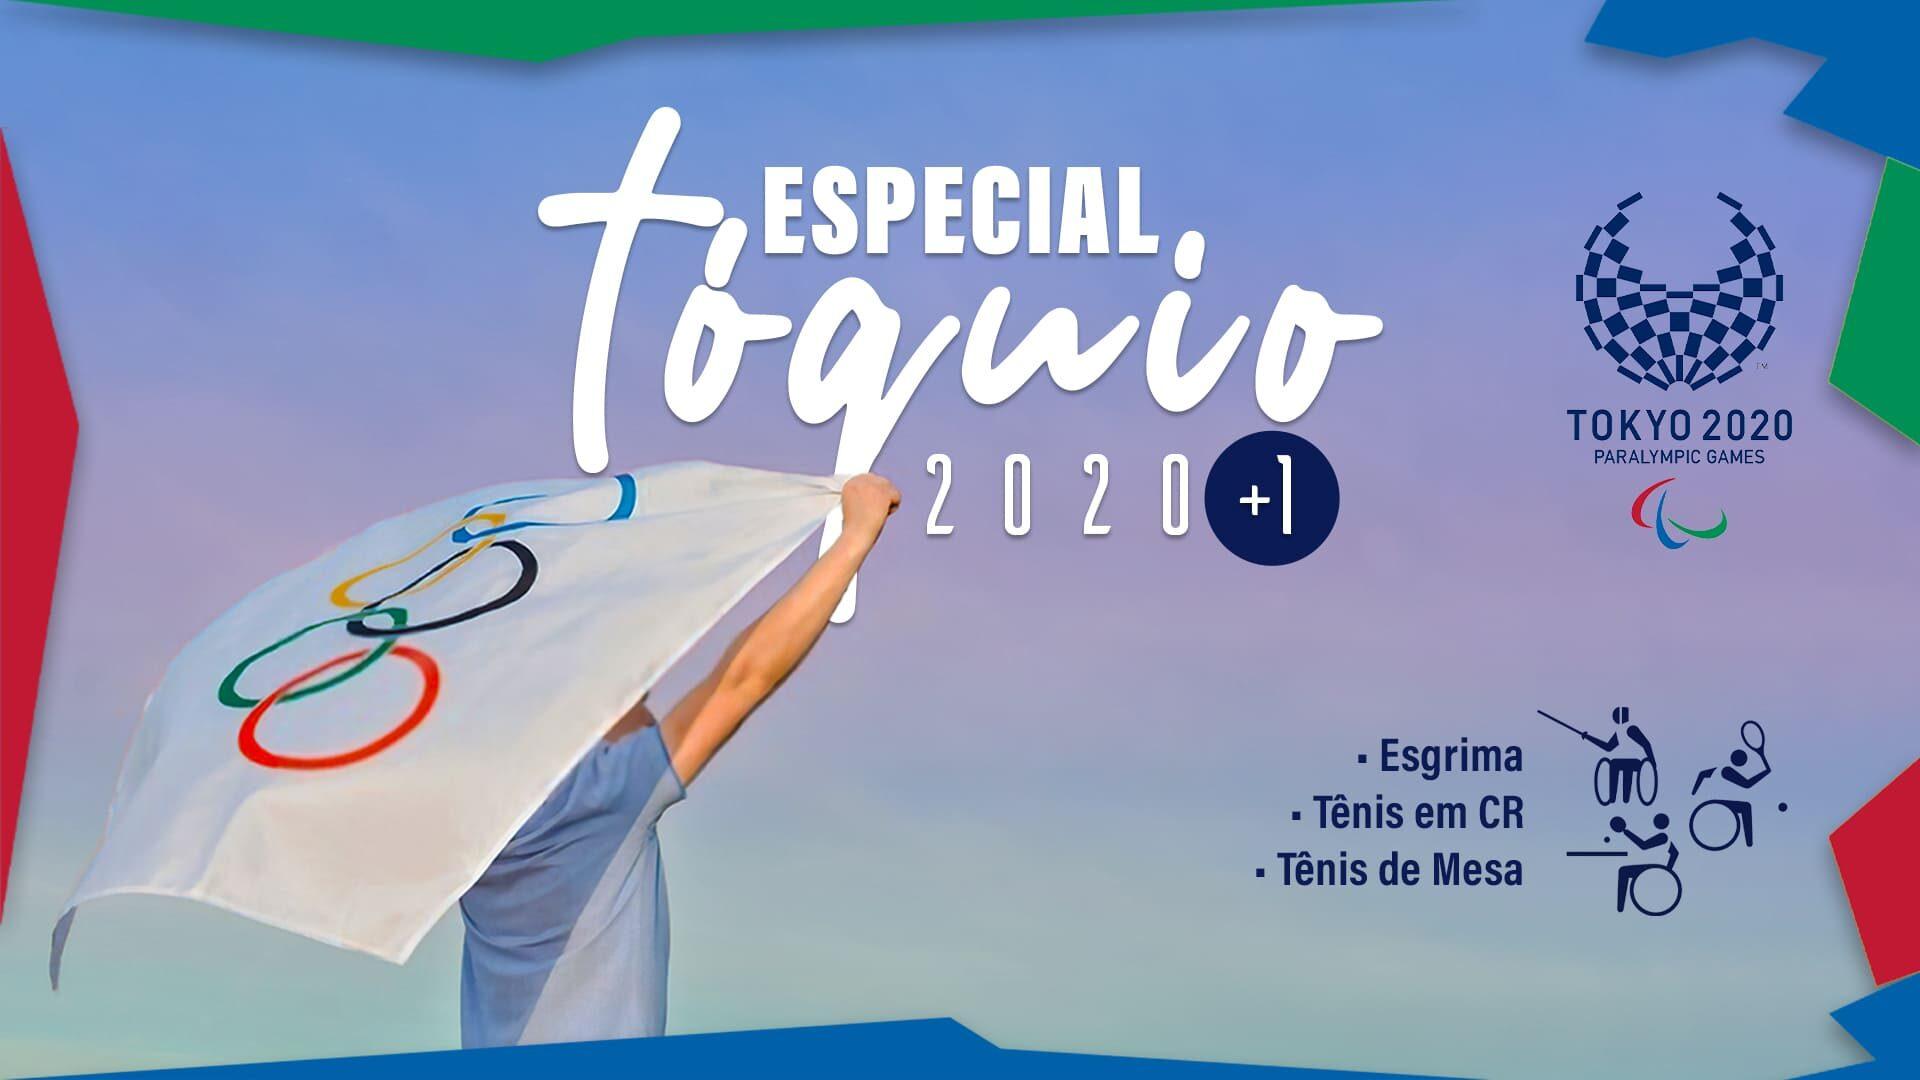 """Imagem de capa do artigo """"Mãos que triunfam"""", segundo da série """"Especial Tóquio 2020"""", descrita na legenda."""